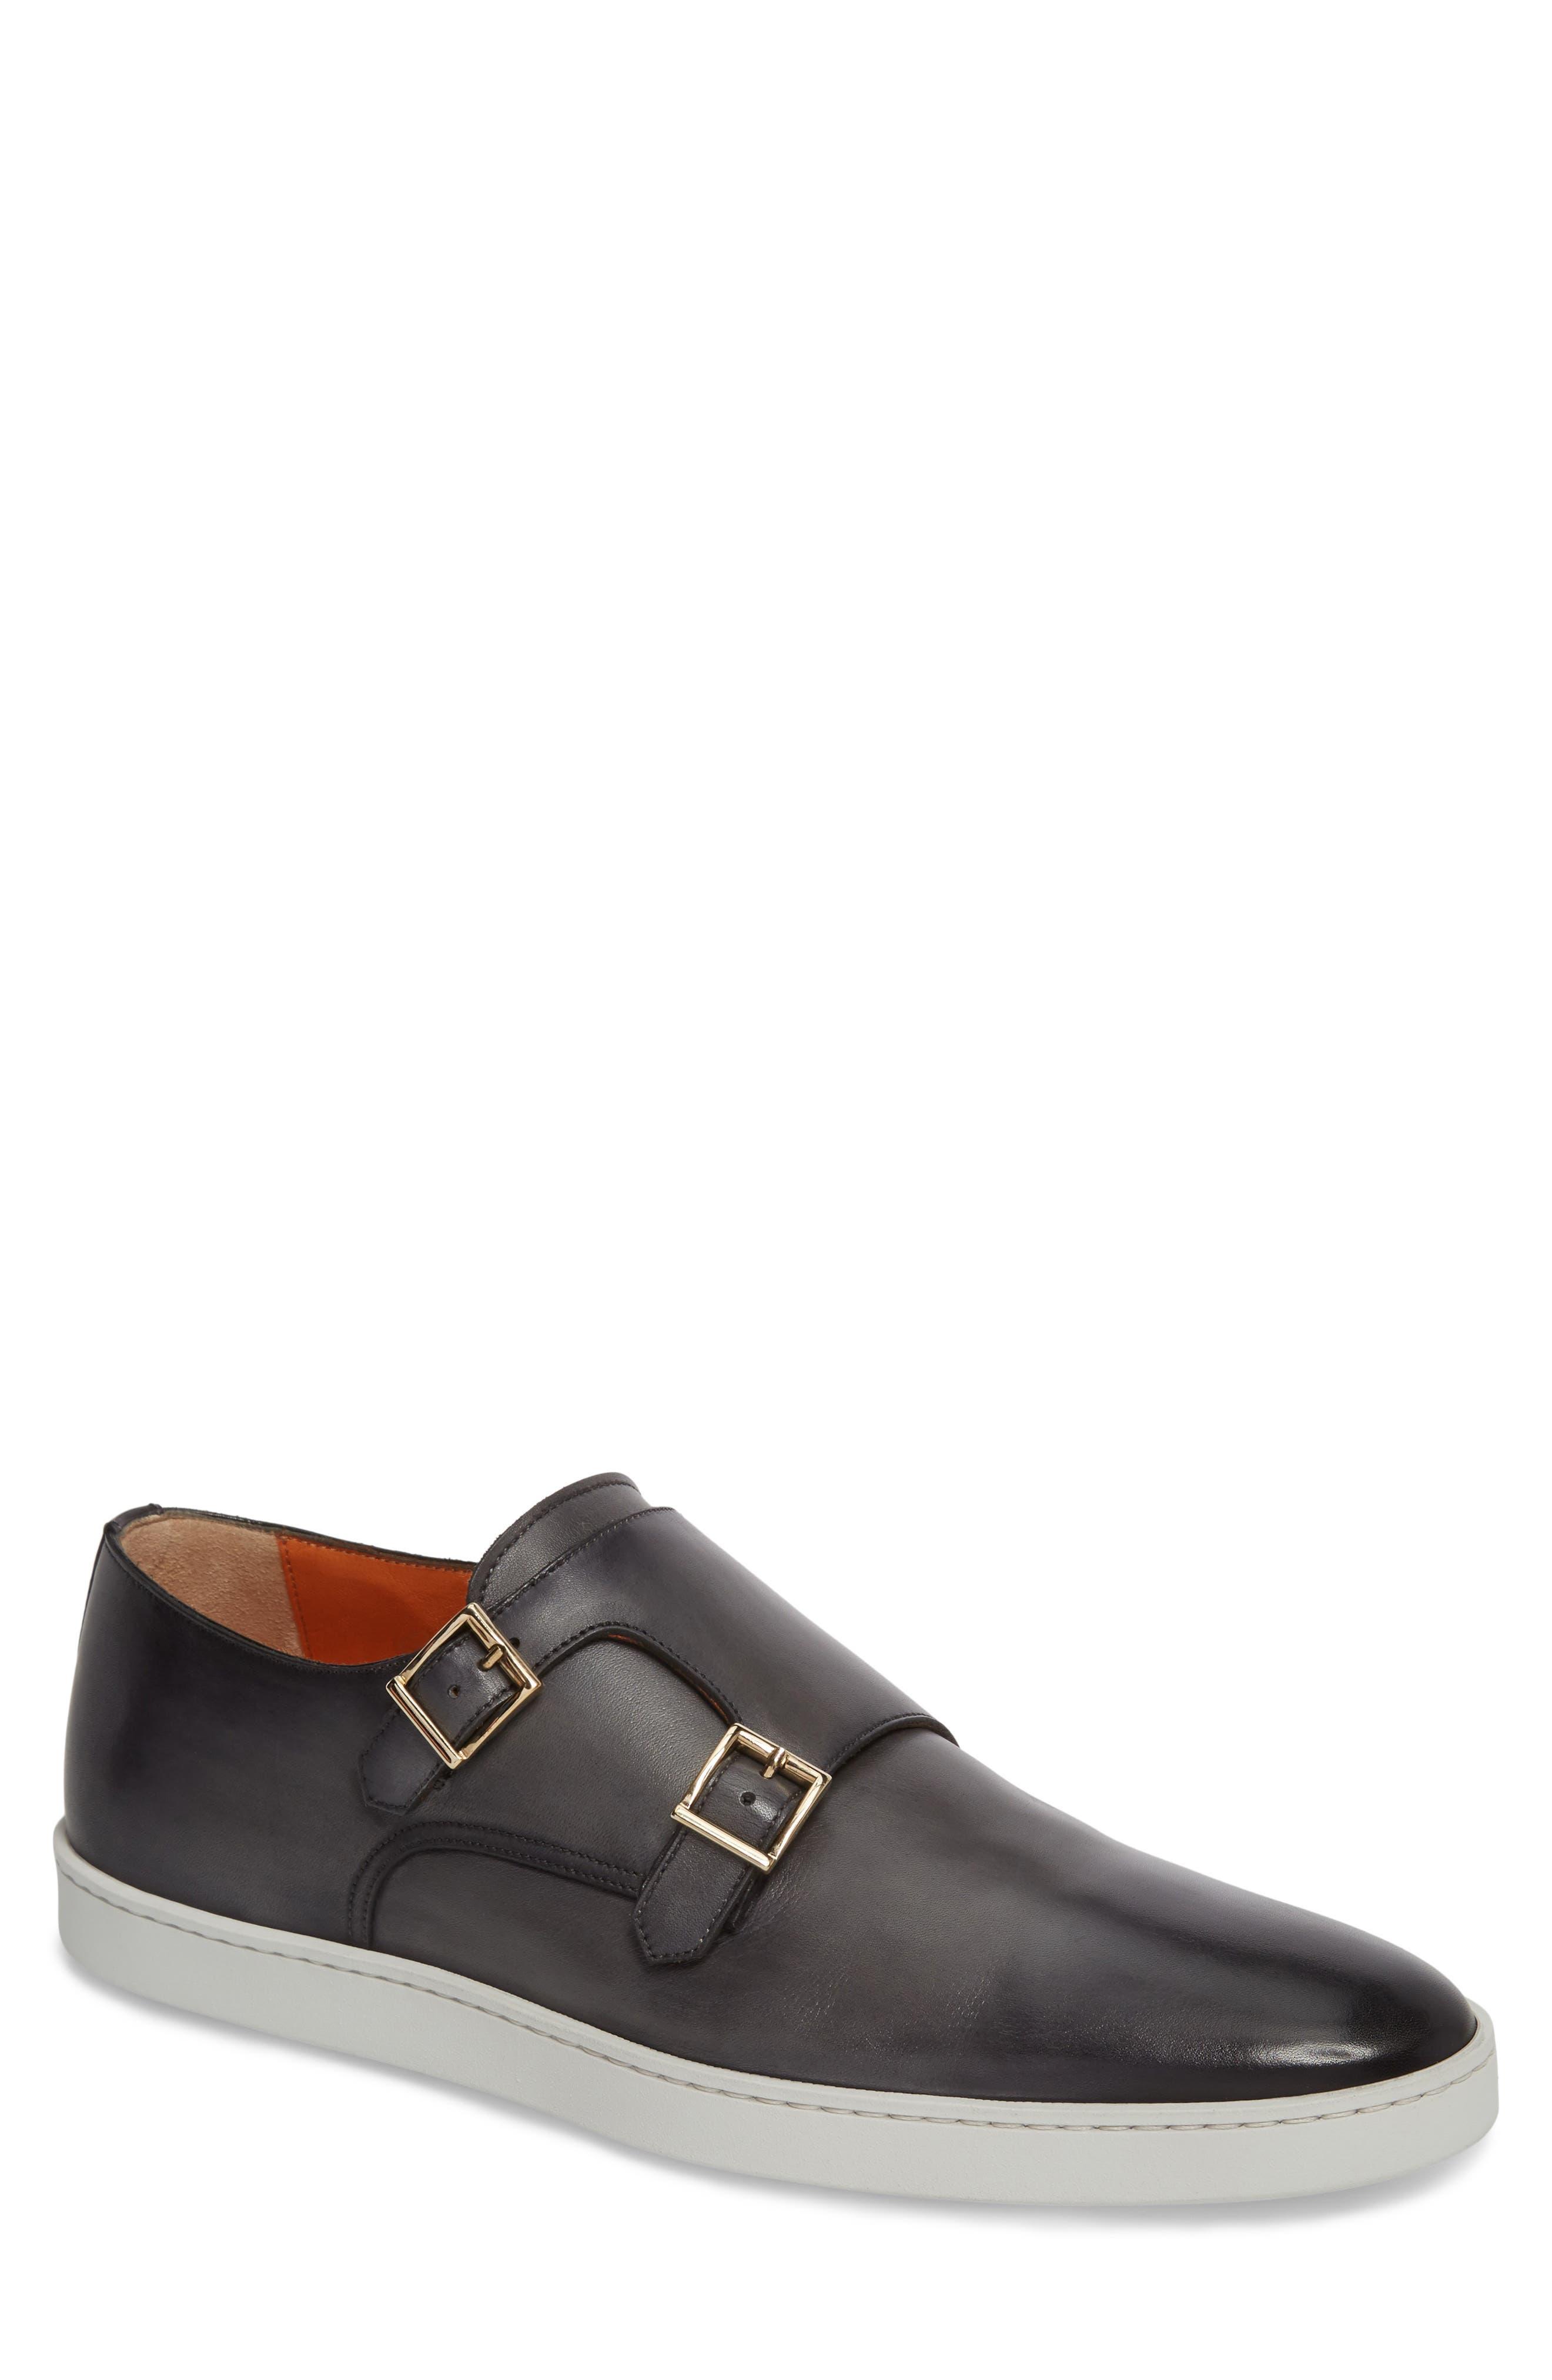 Fremont Double Monk Strap Shoe, Main, color, GREY